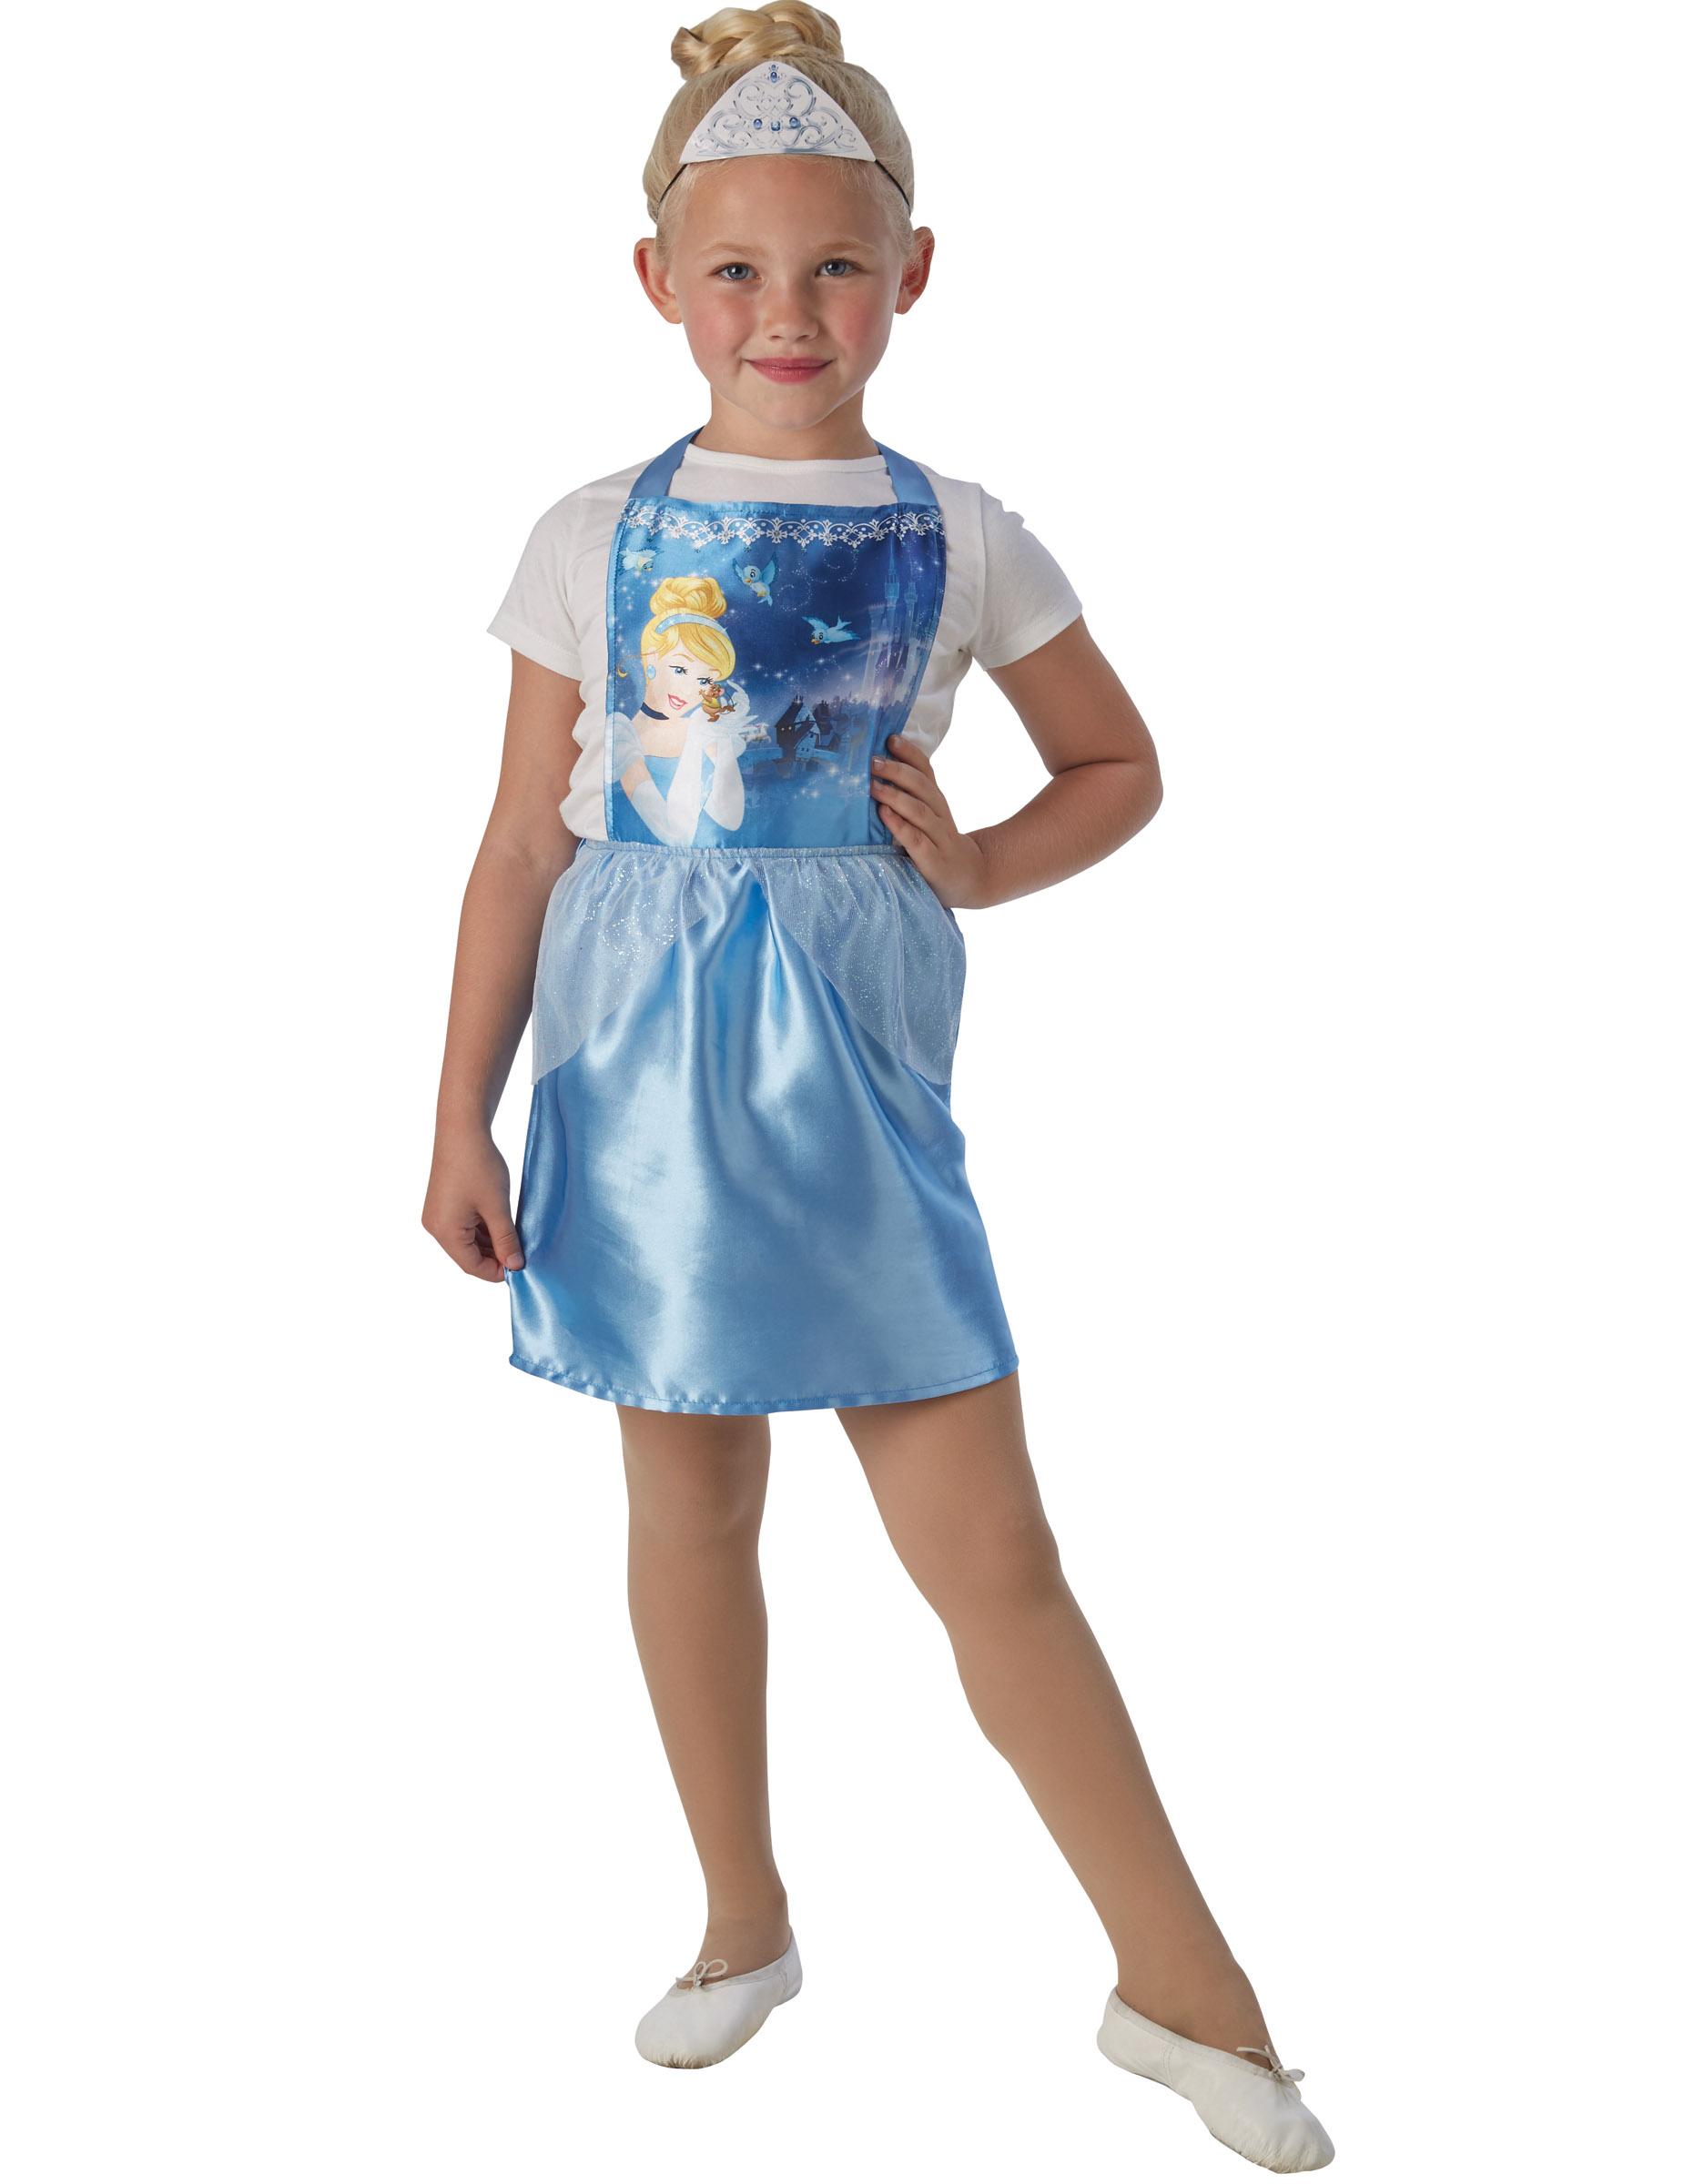 Cinderella™ Kostüm Set für Mädchen Disney™ Lizenzartikel